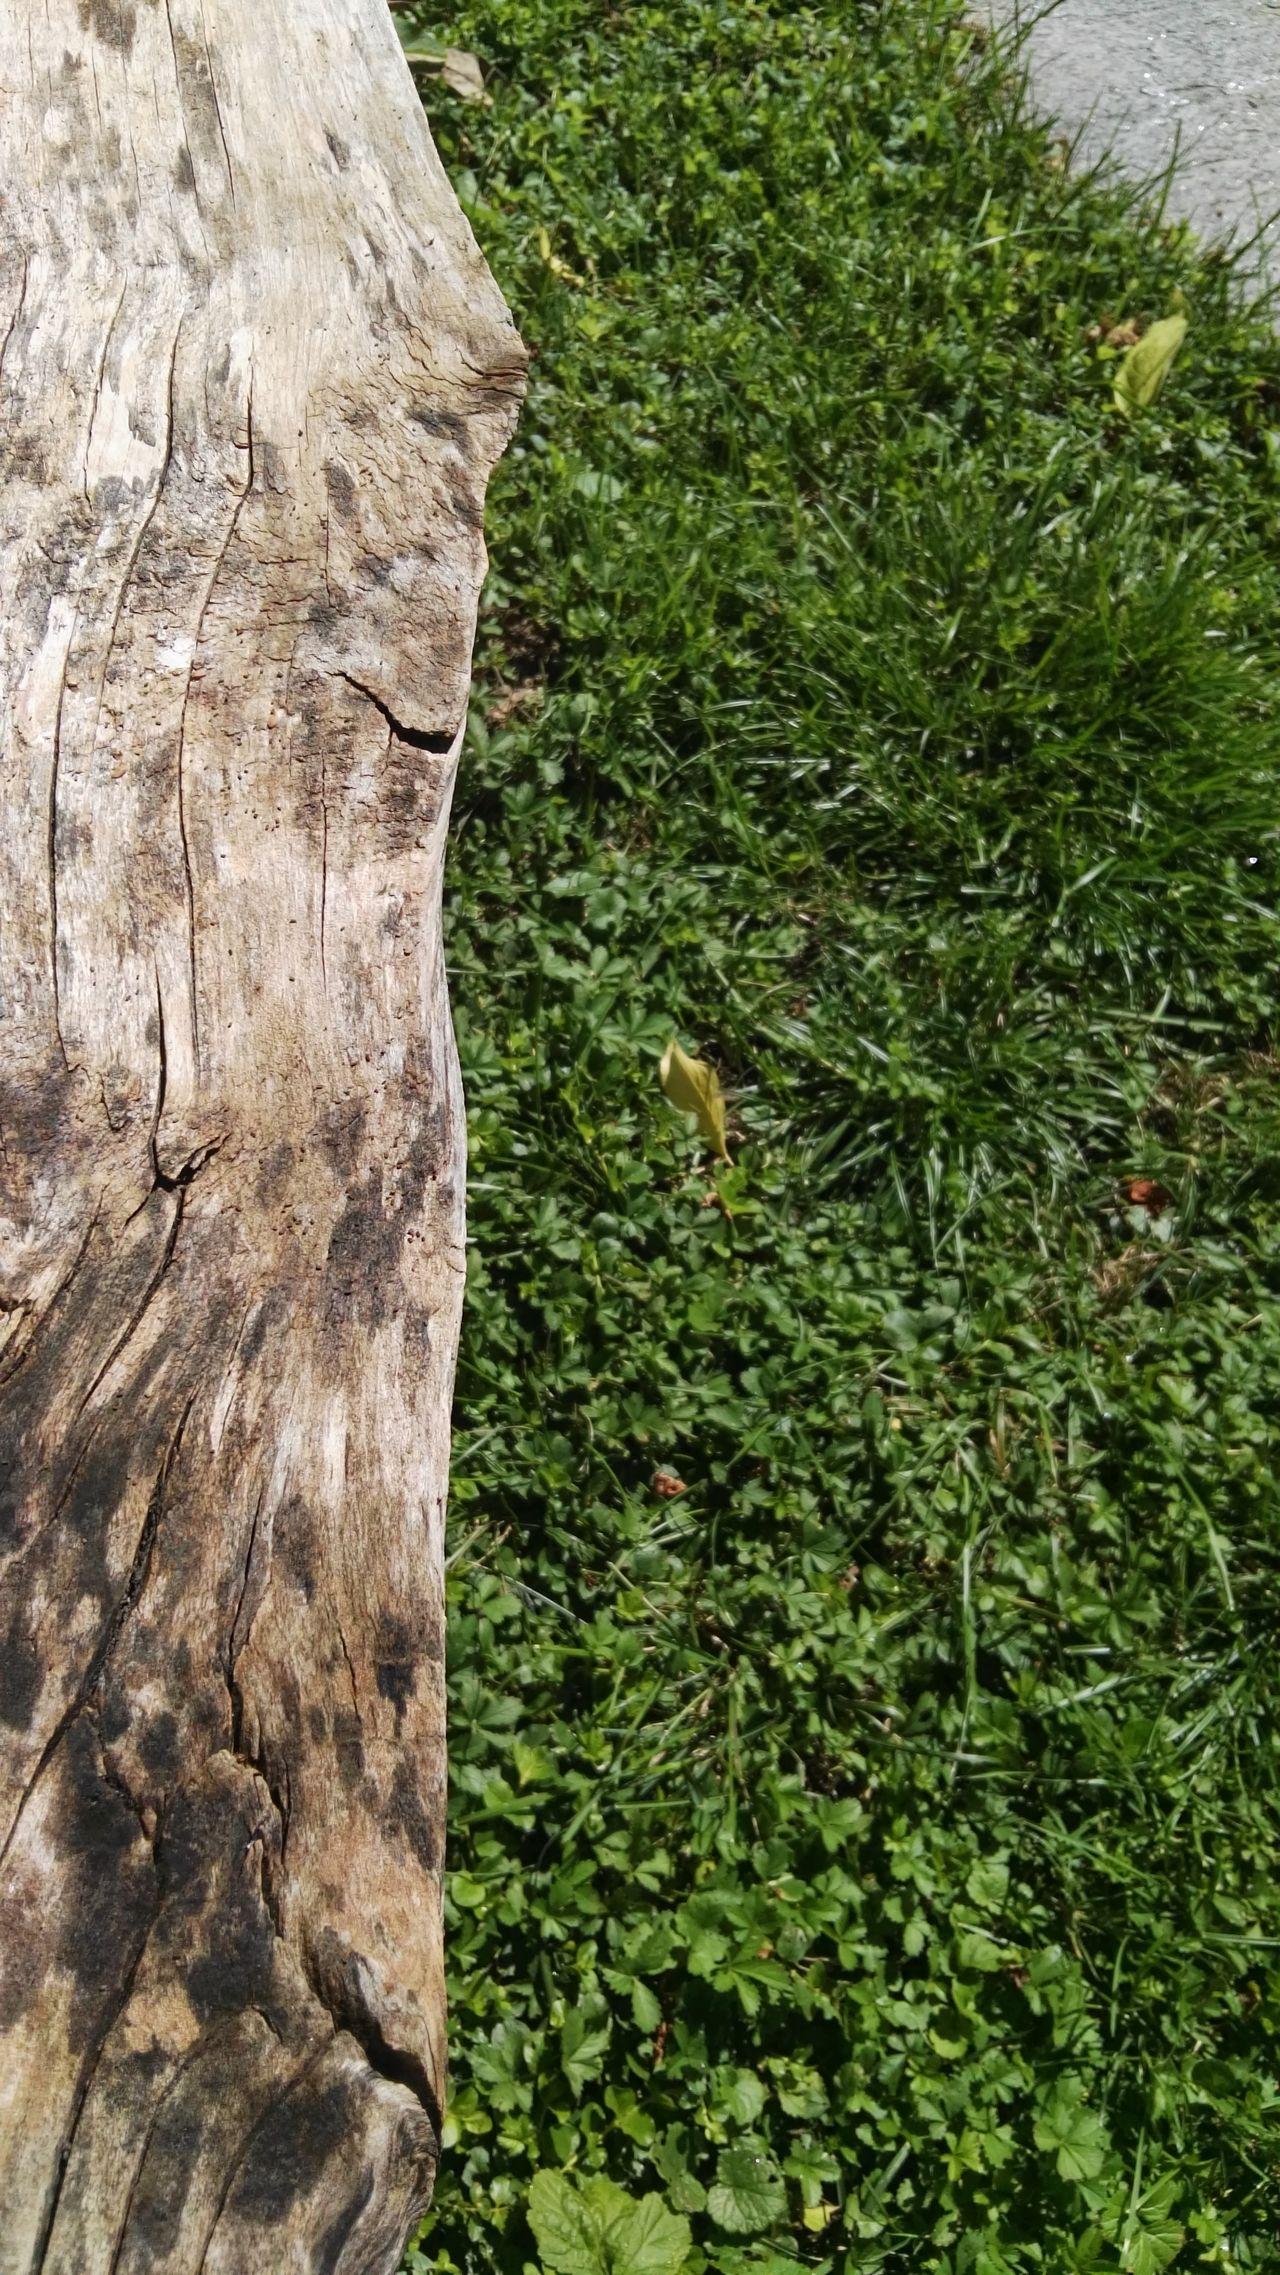 Holzbank Wiese  Steinplatte Blätter, Woodbank Weed Stoneplate Leaves🌿